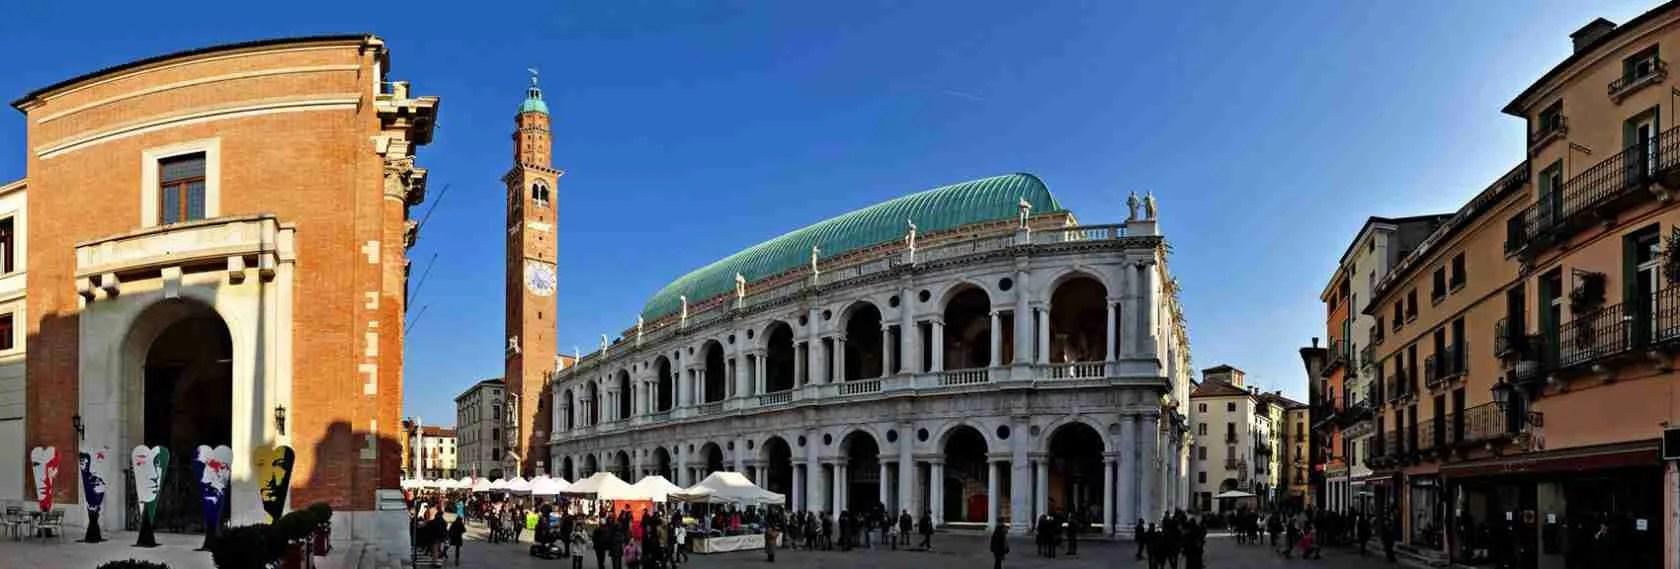 Moltissime escort Vicenza hanno scelto la splendida città del Palladio come città di base.